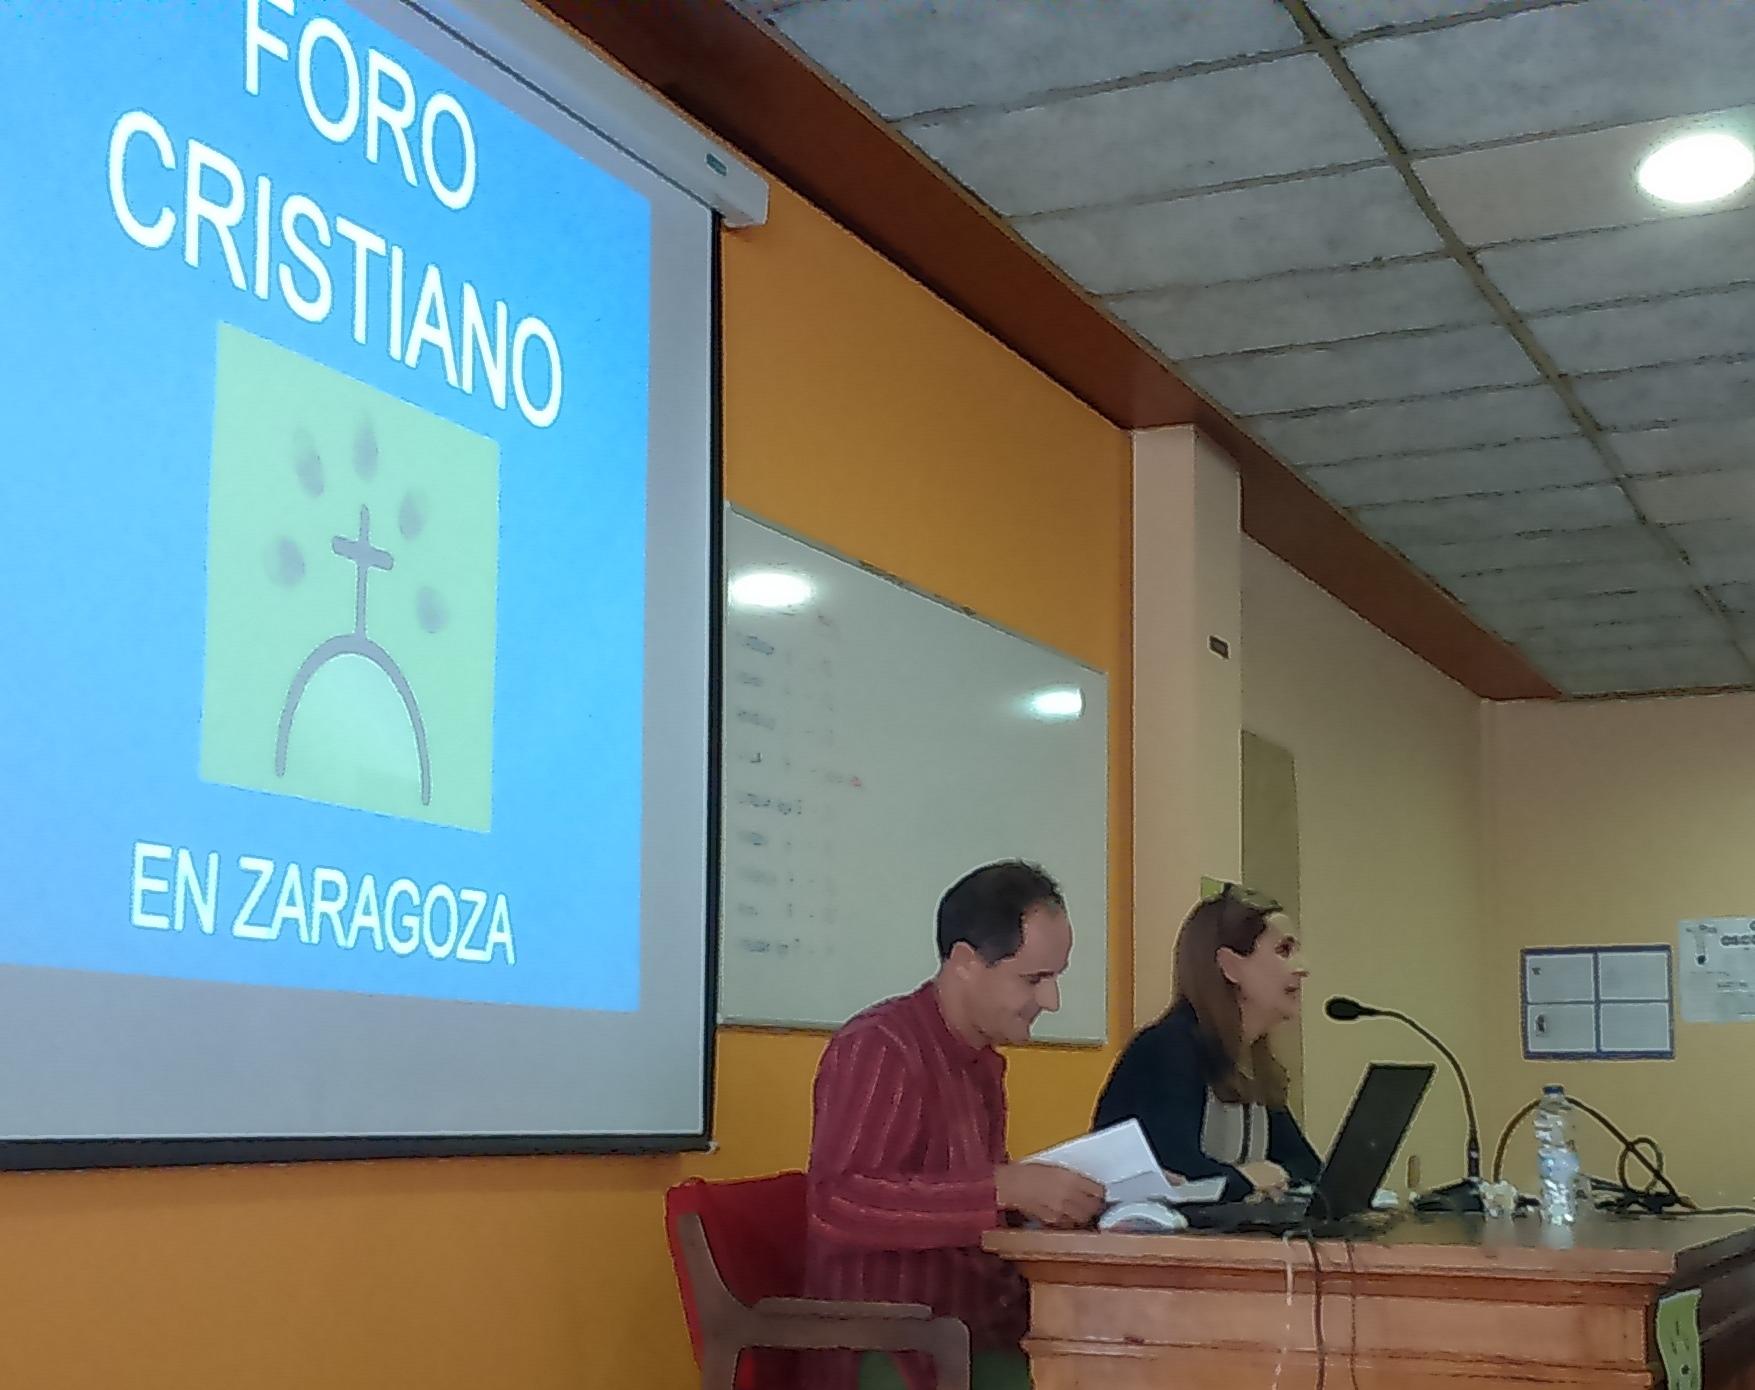 PX en Zaragoza participa en el primer Foro de Cristianos de la Diócesis